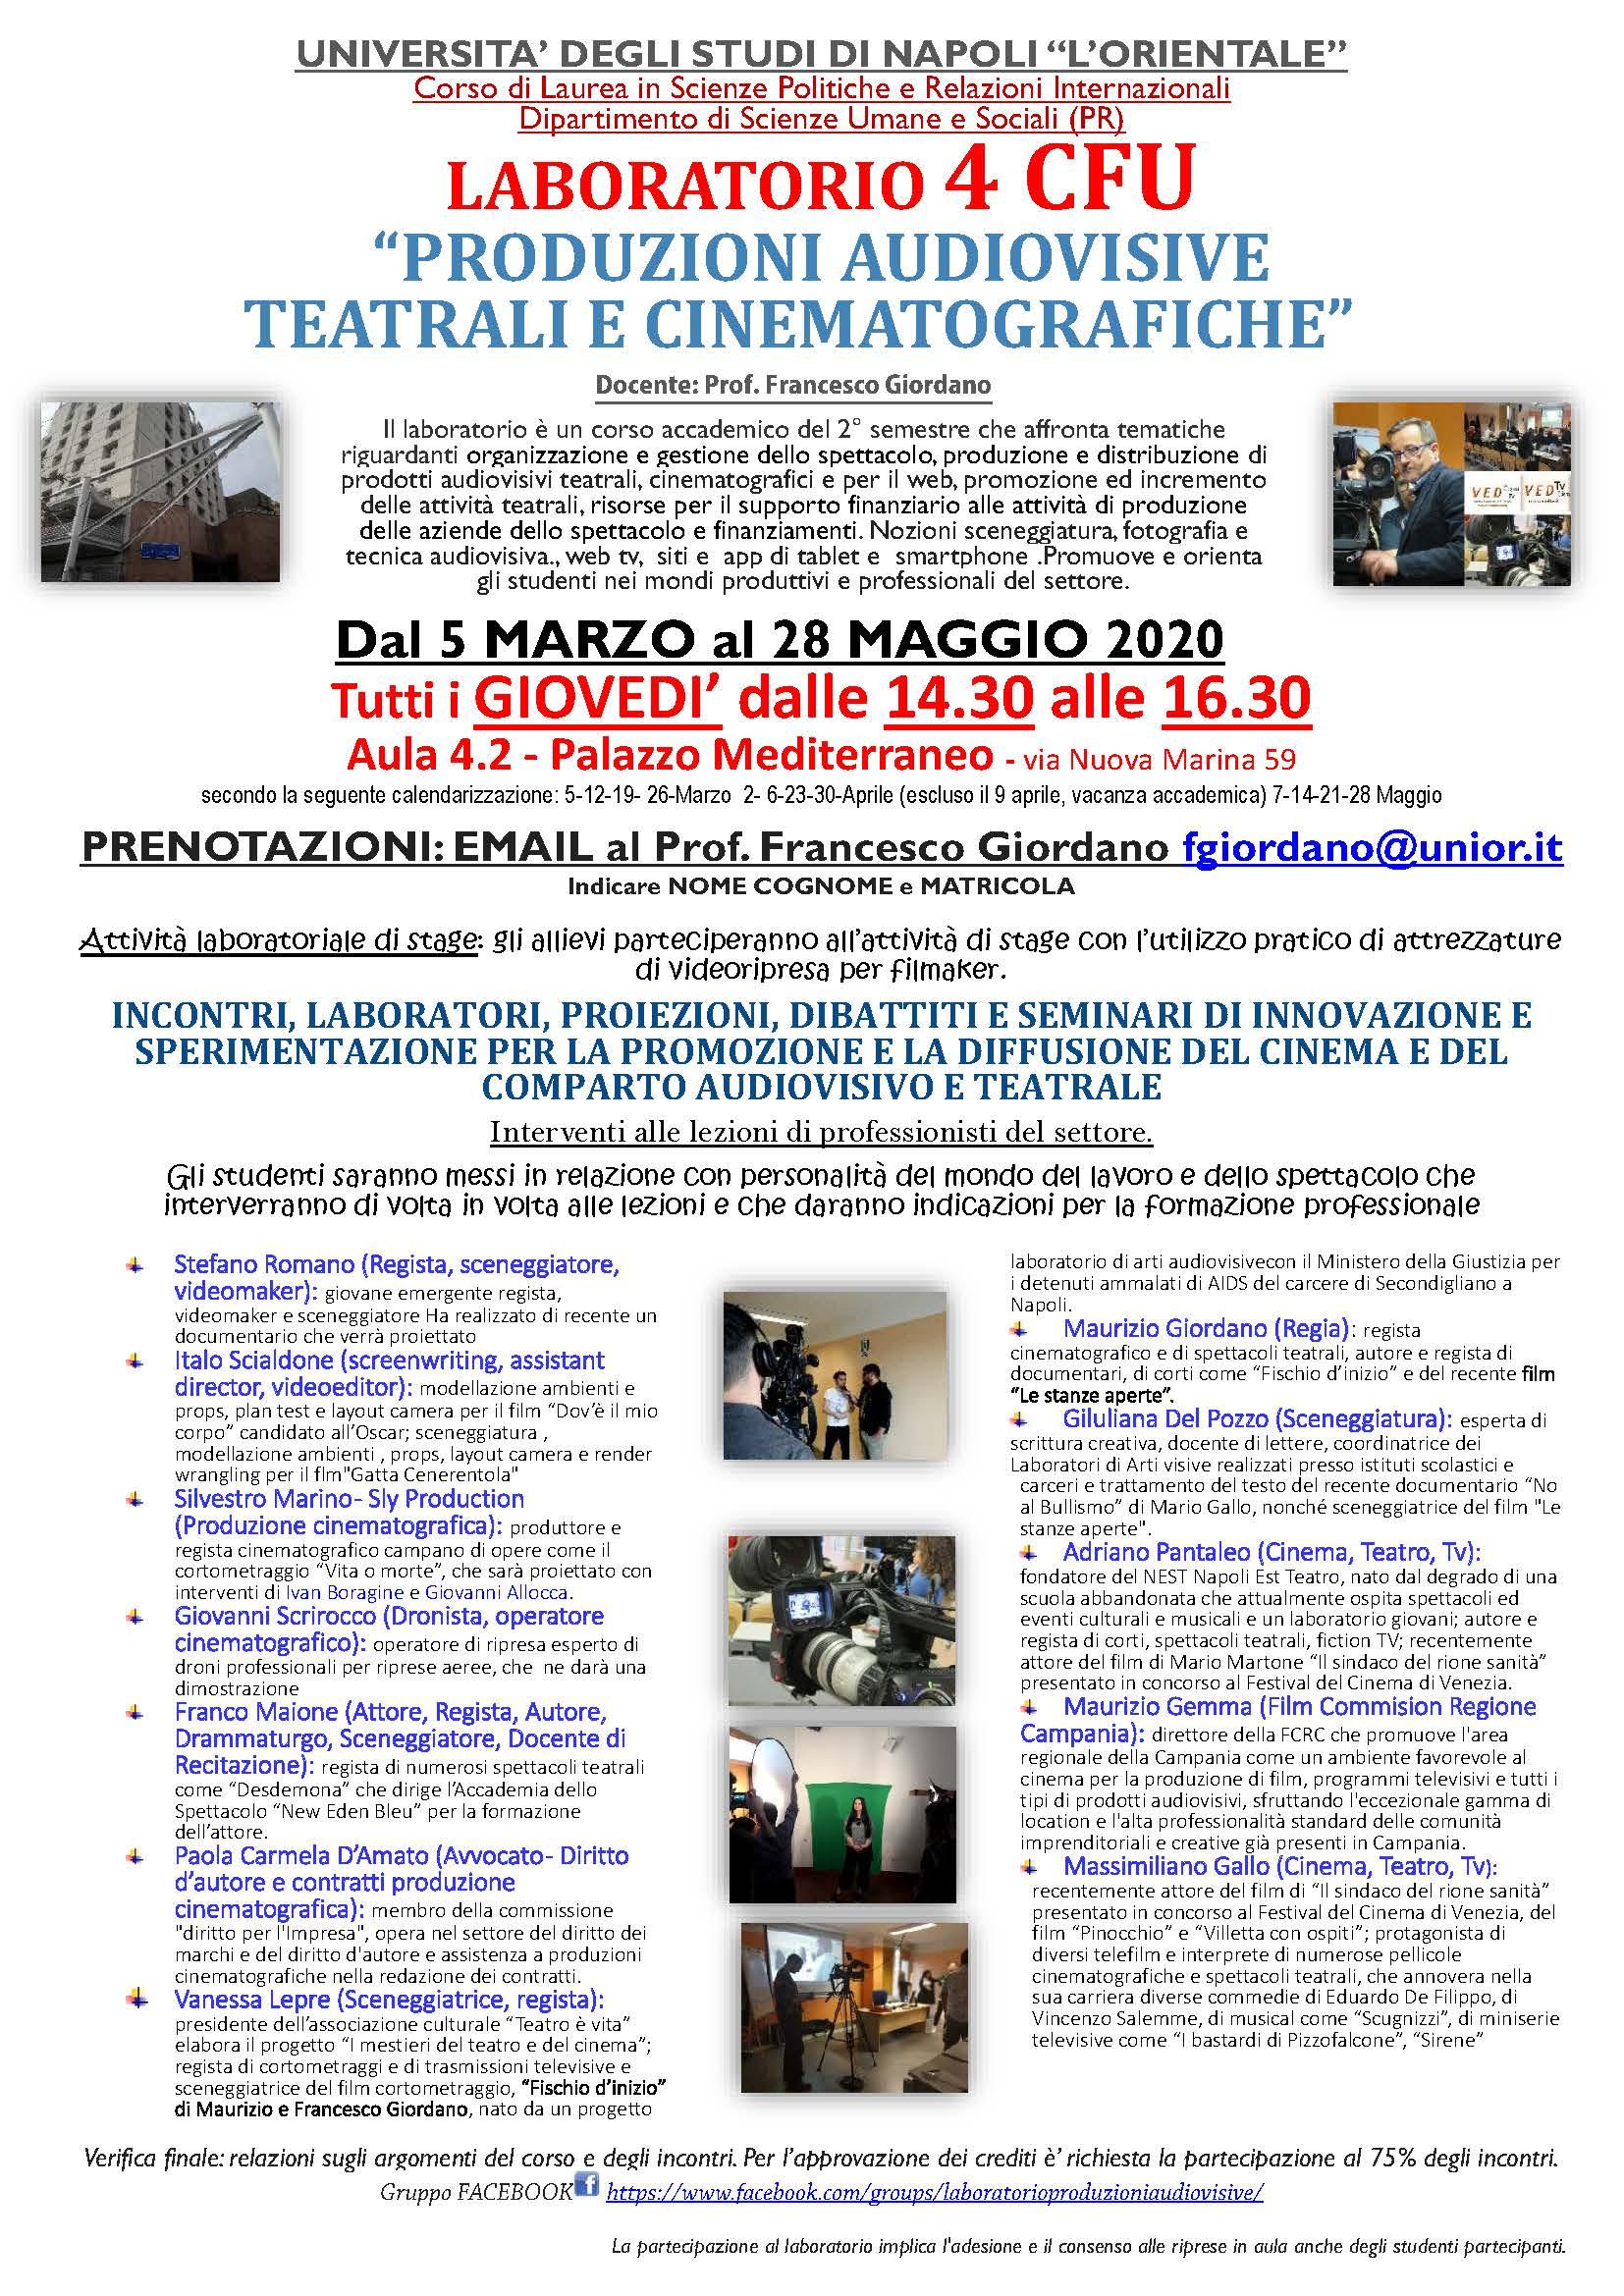 LABORATORIO DI PRODUZIONI AUDIOVISIVE, TEATRALI E CINEMATOGRAFICHE - UNIOR - 2019/2020